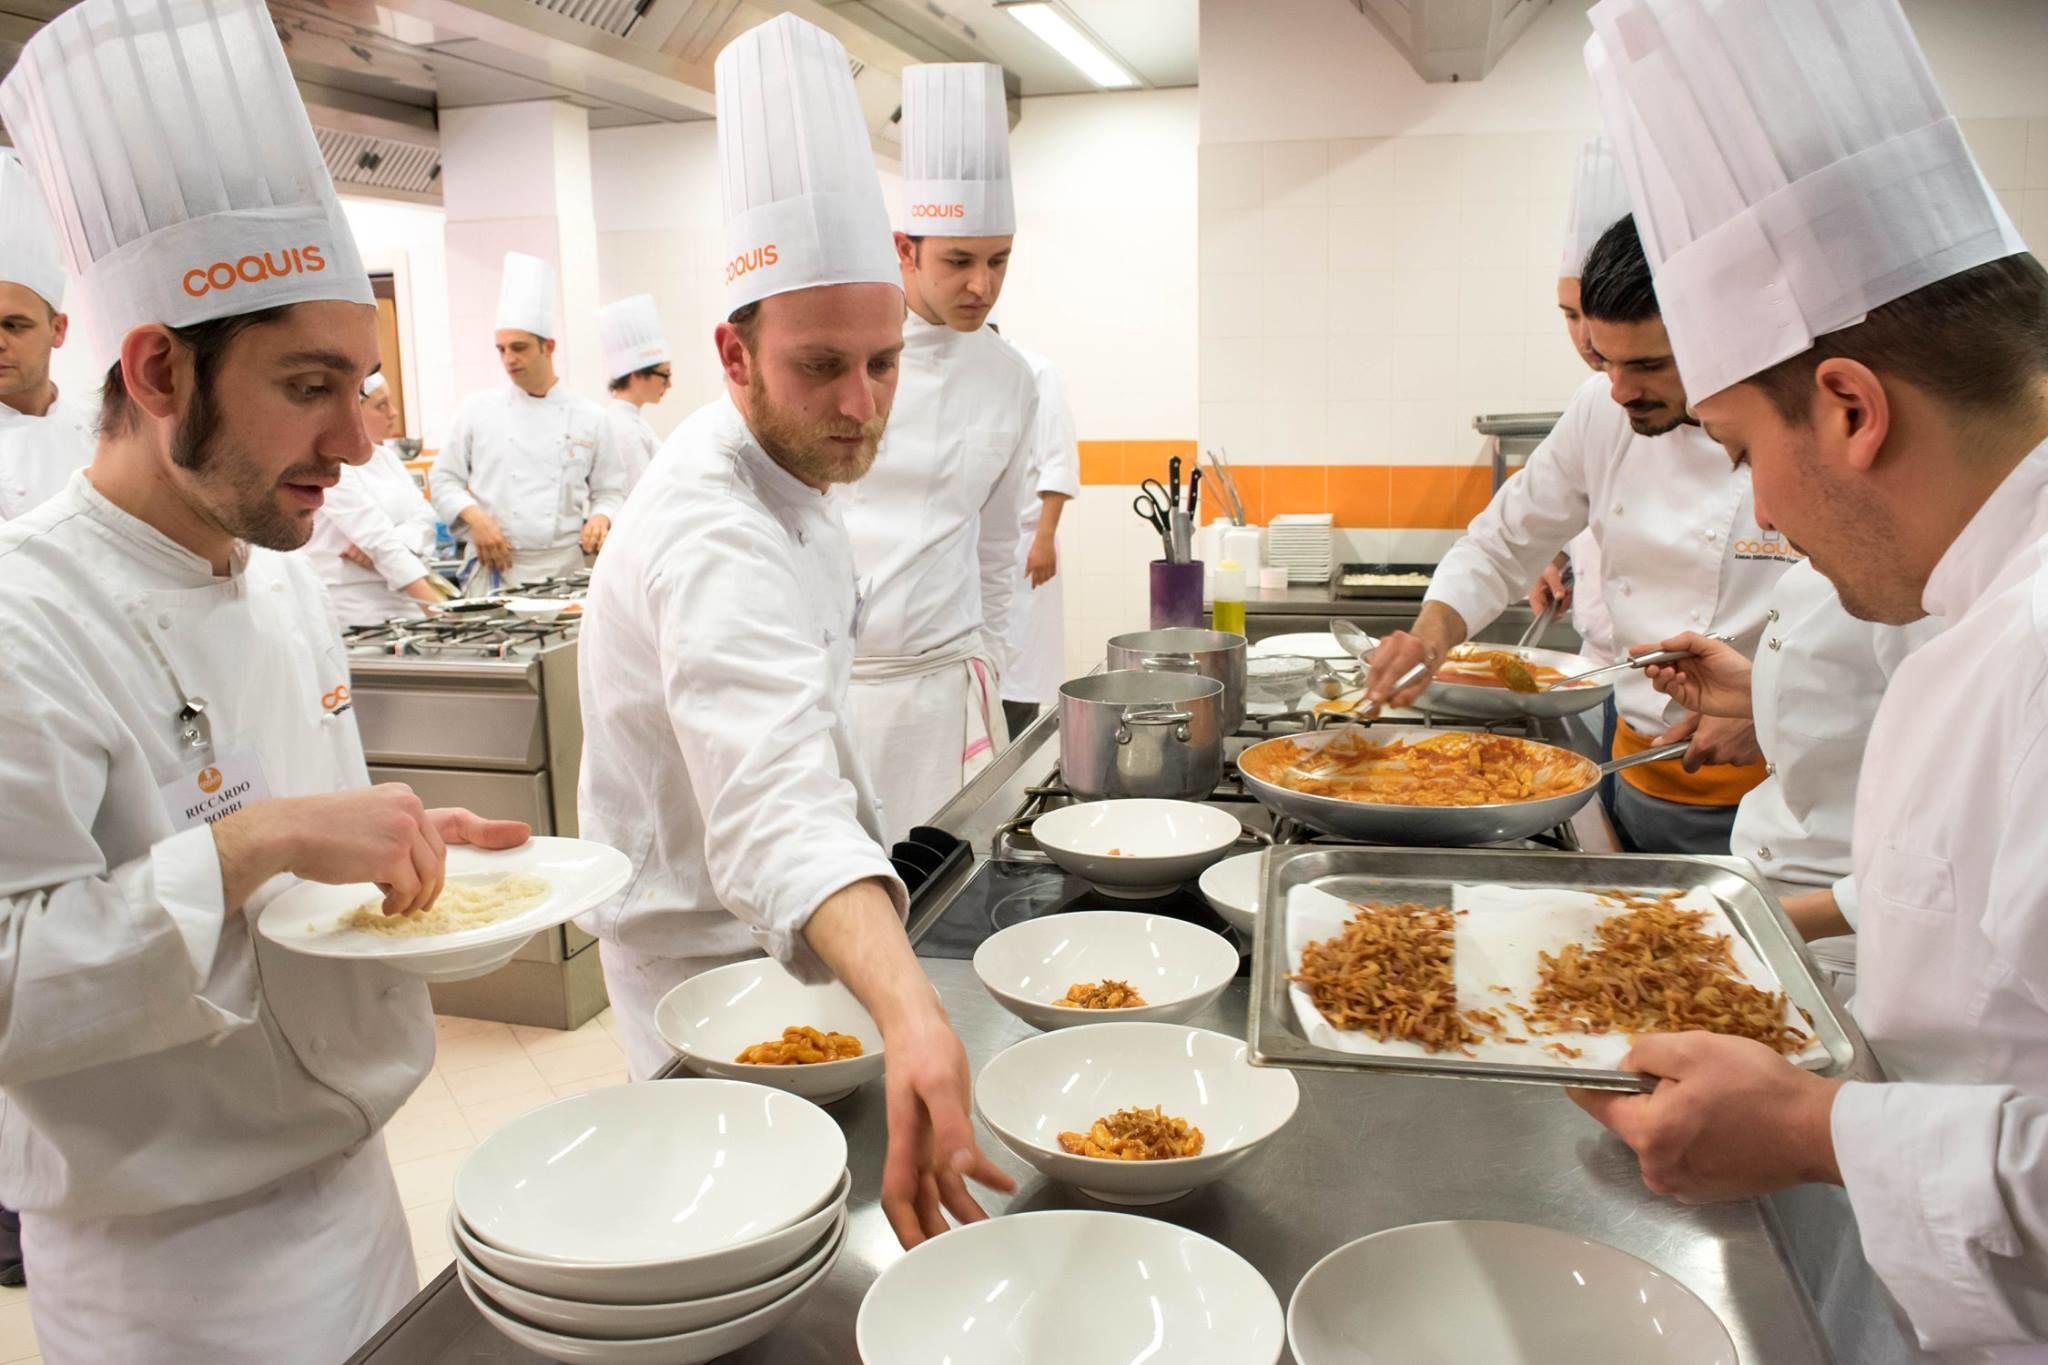 Alma diplomati alla scuola di cucina italiana foto di